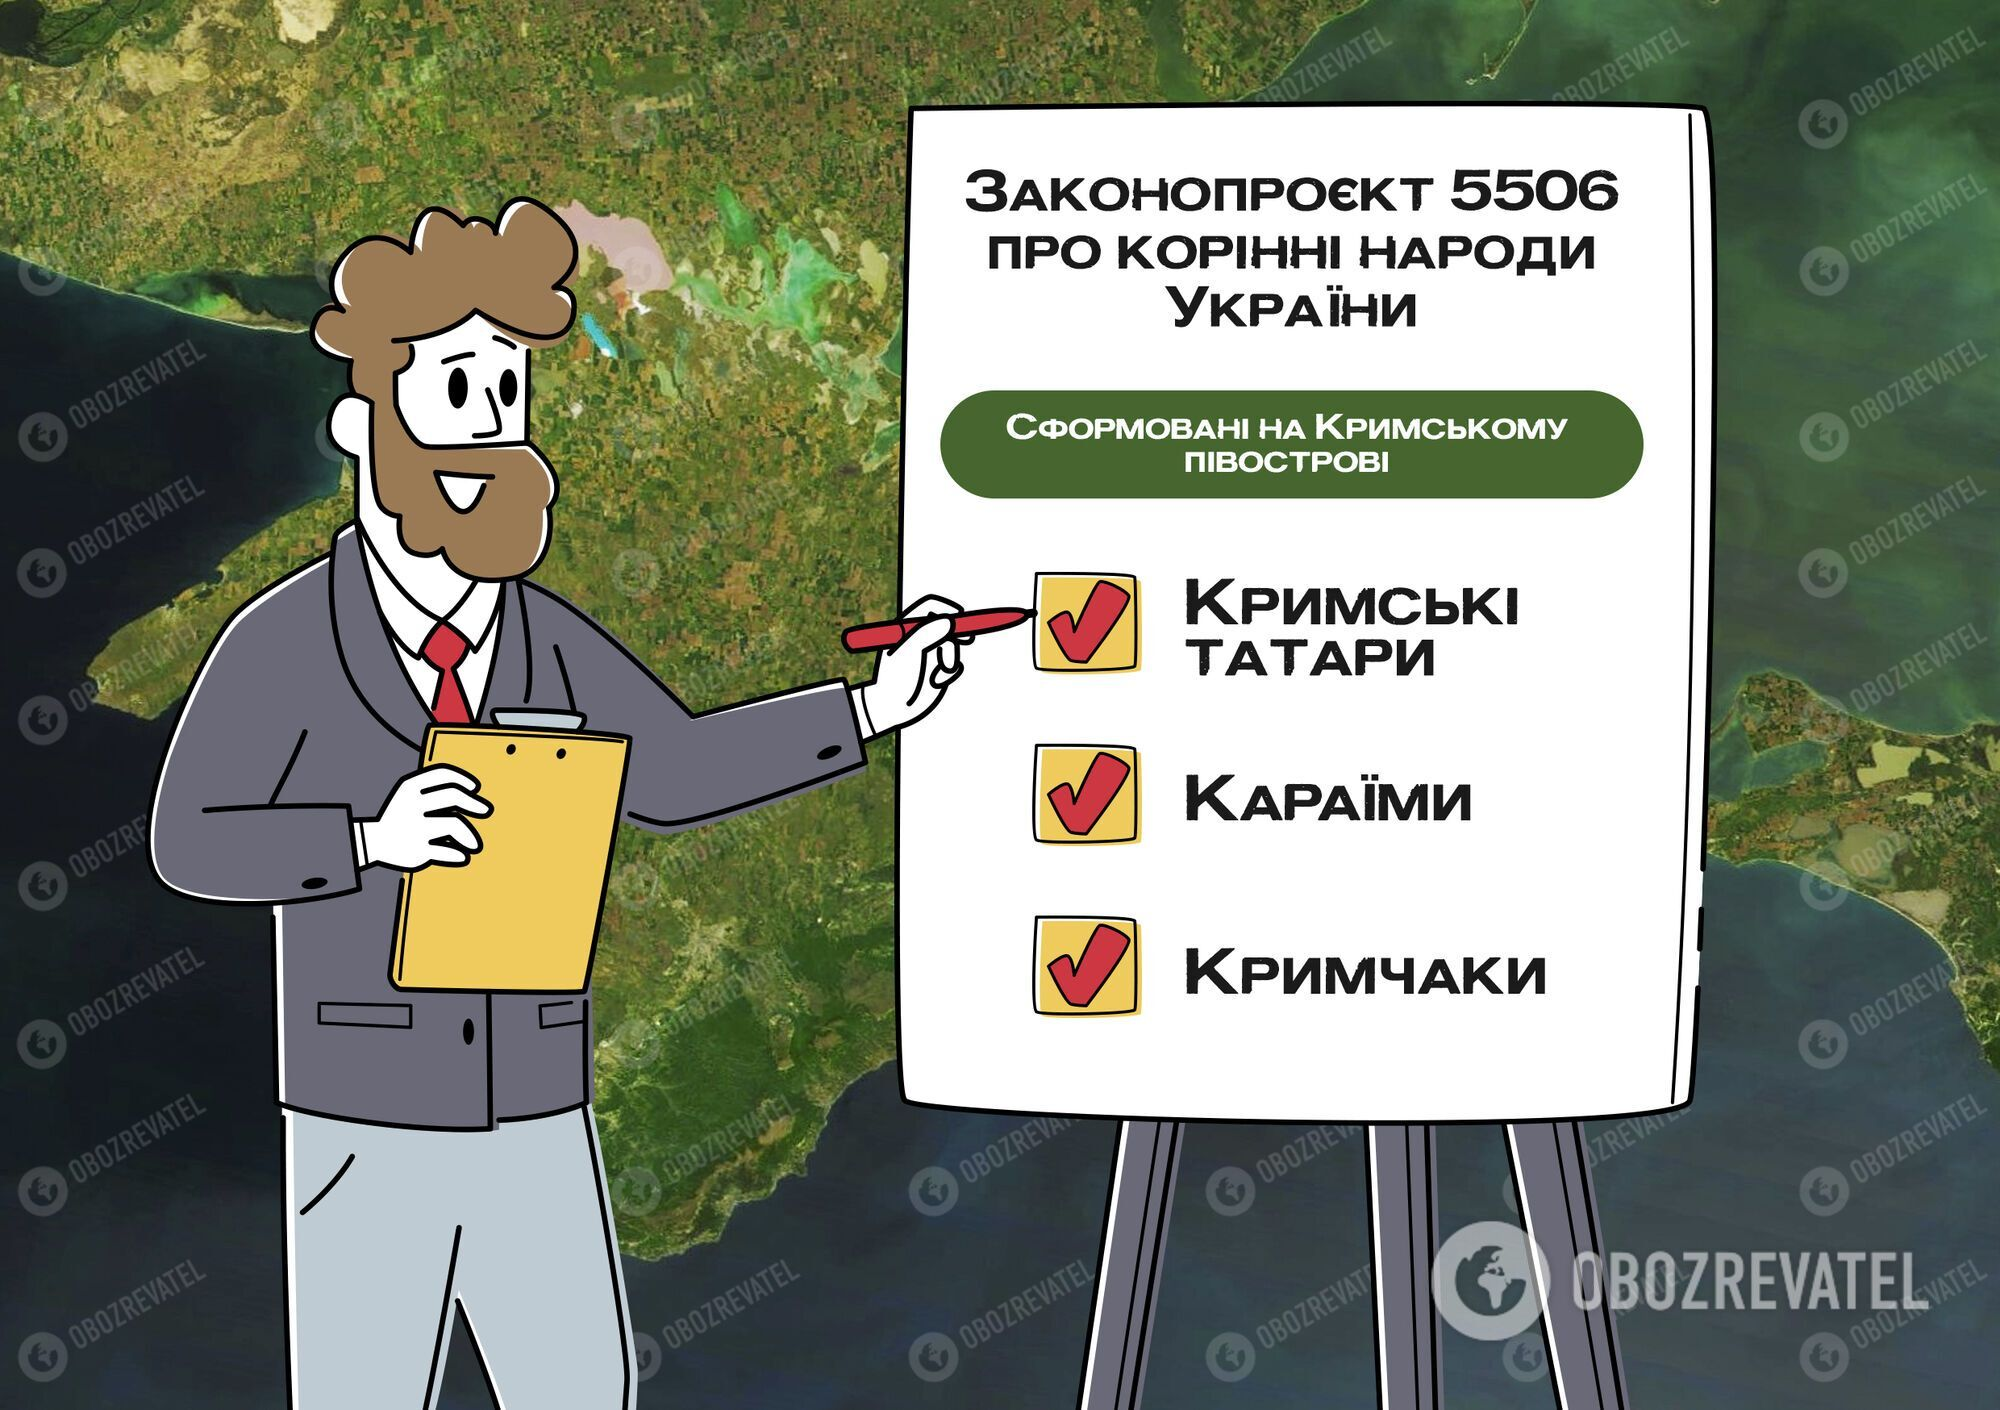 Зеленский определил три коренных народа в Украине.